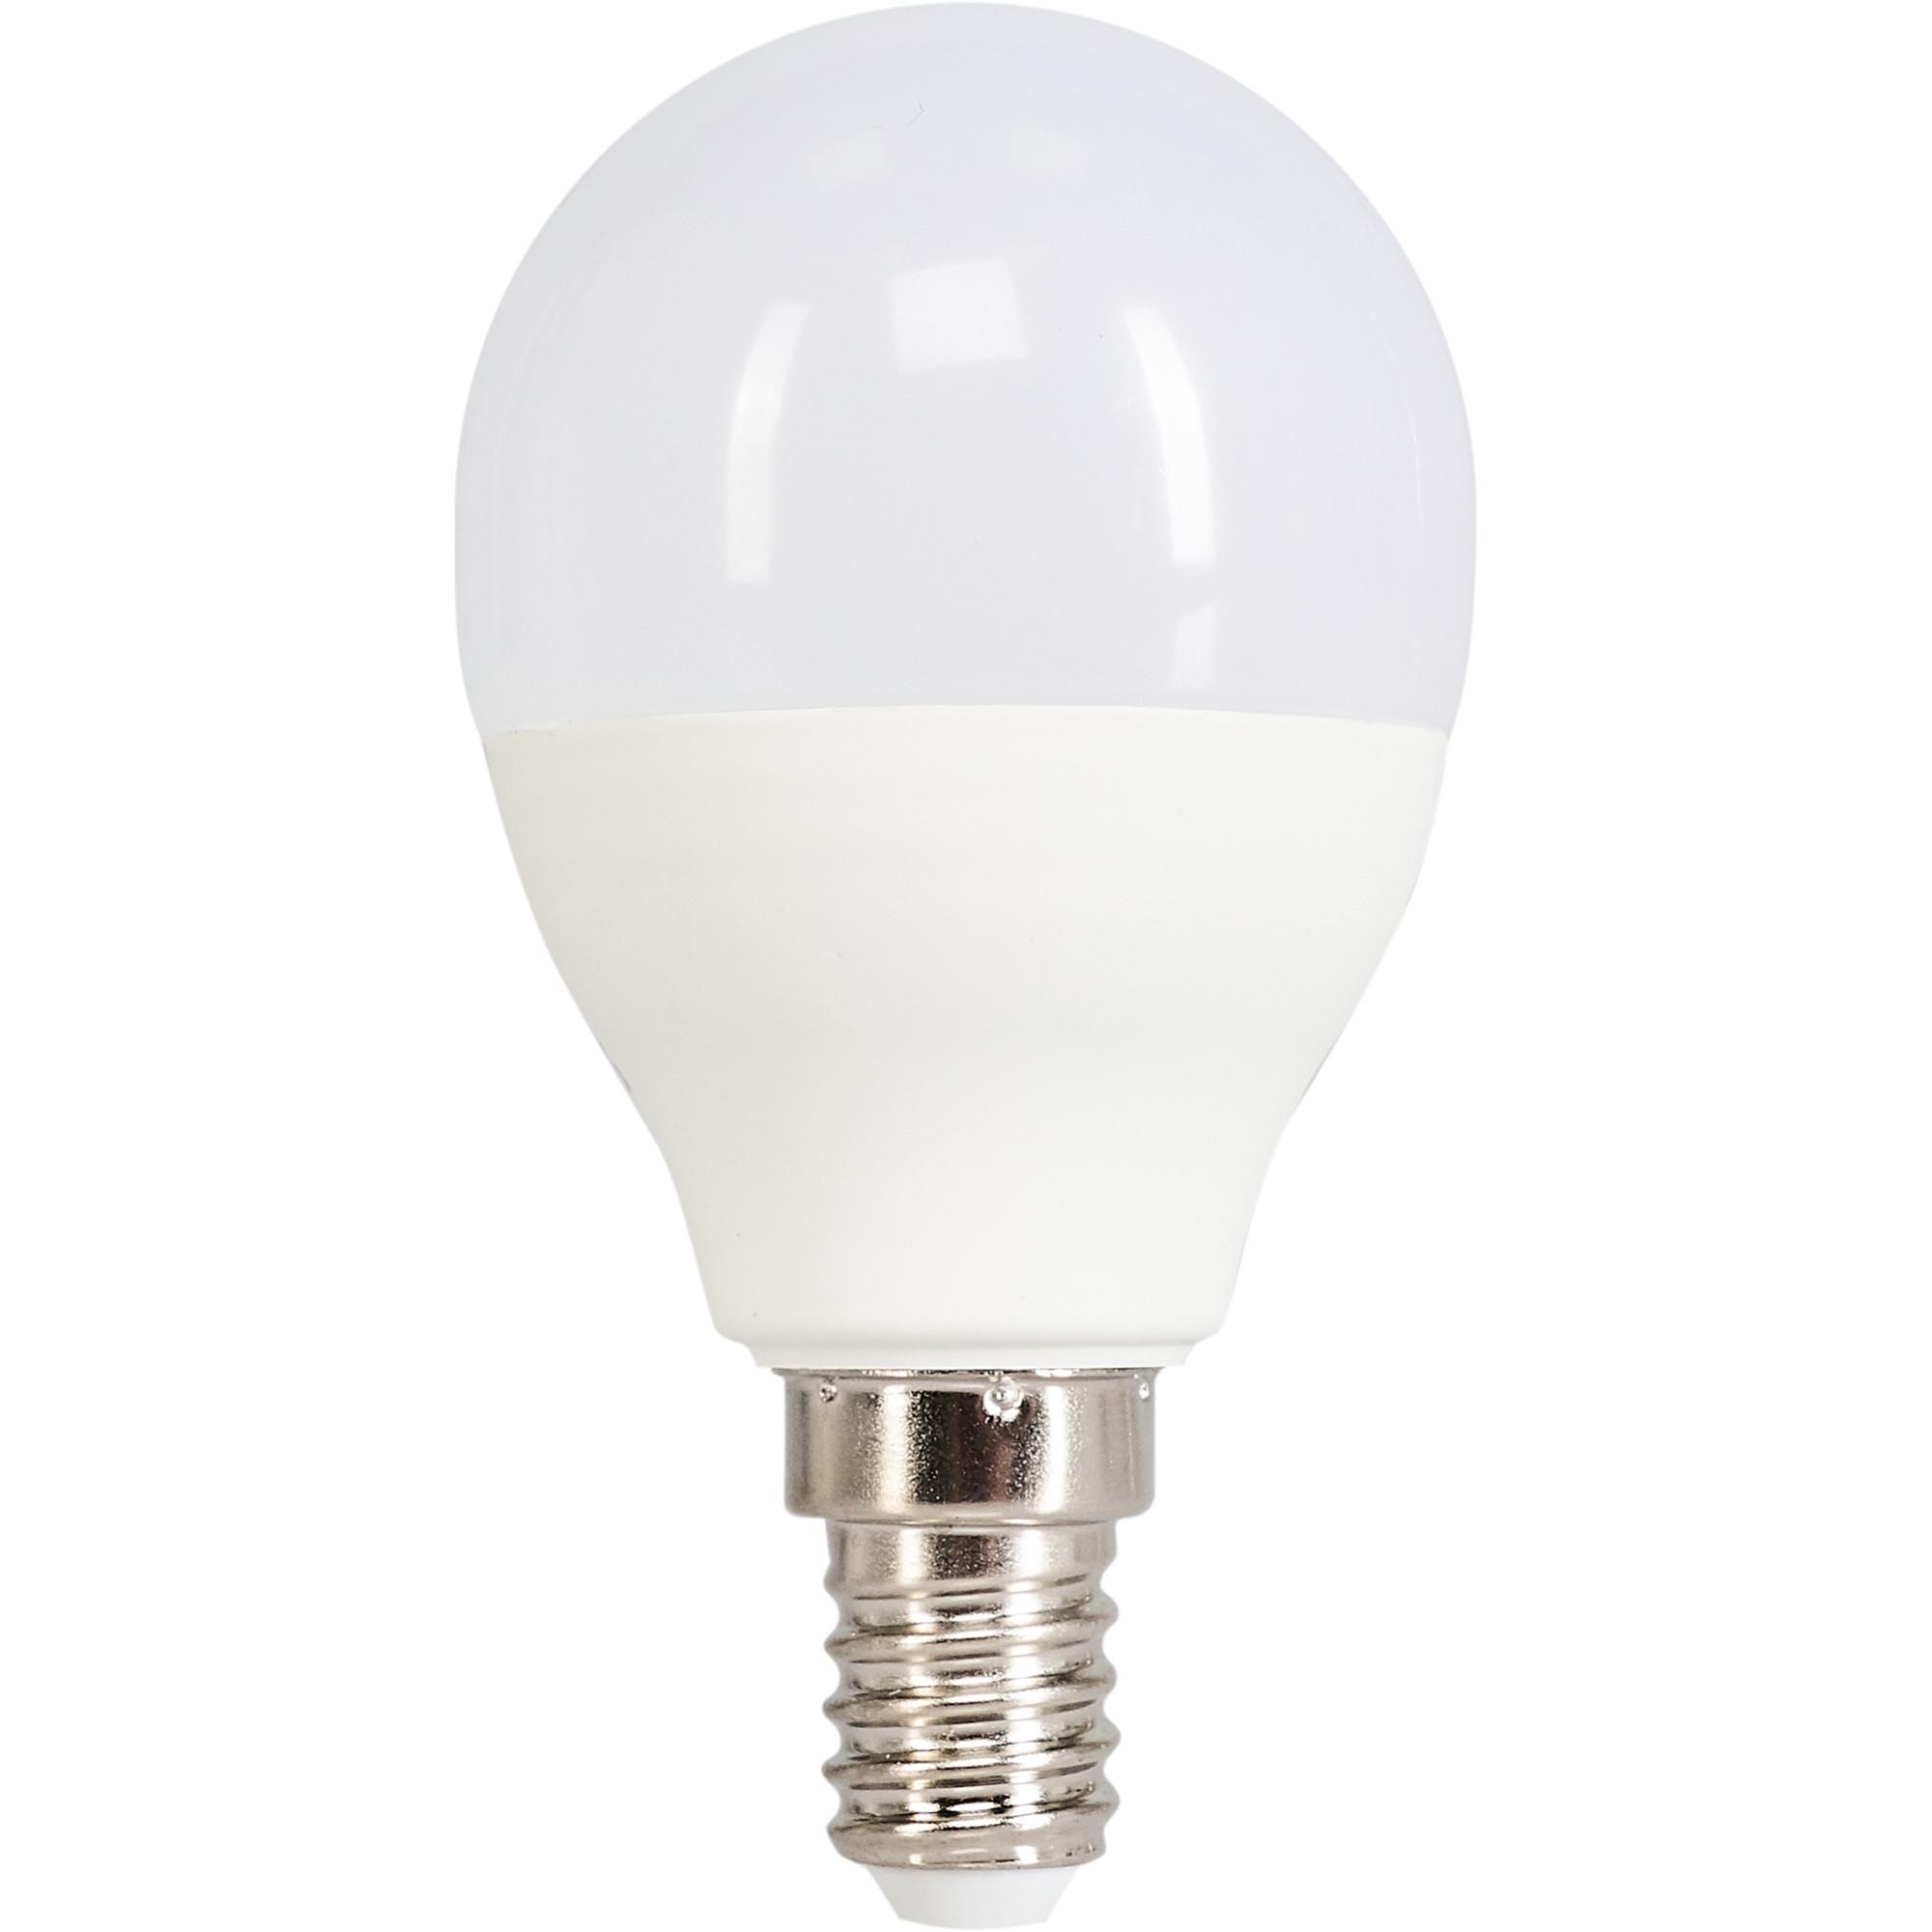 Лампа светодиодная Norma E14 170-240 В 11 Вт шар 900 лм белый свет